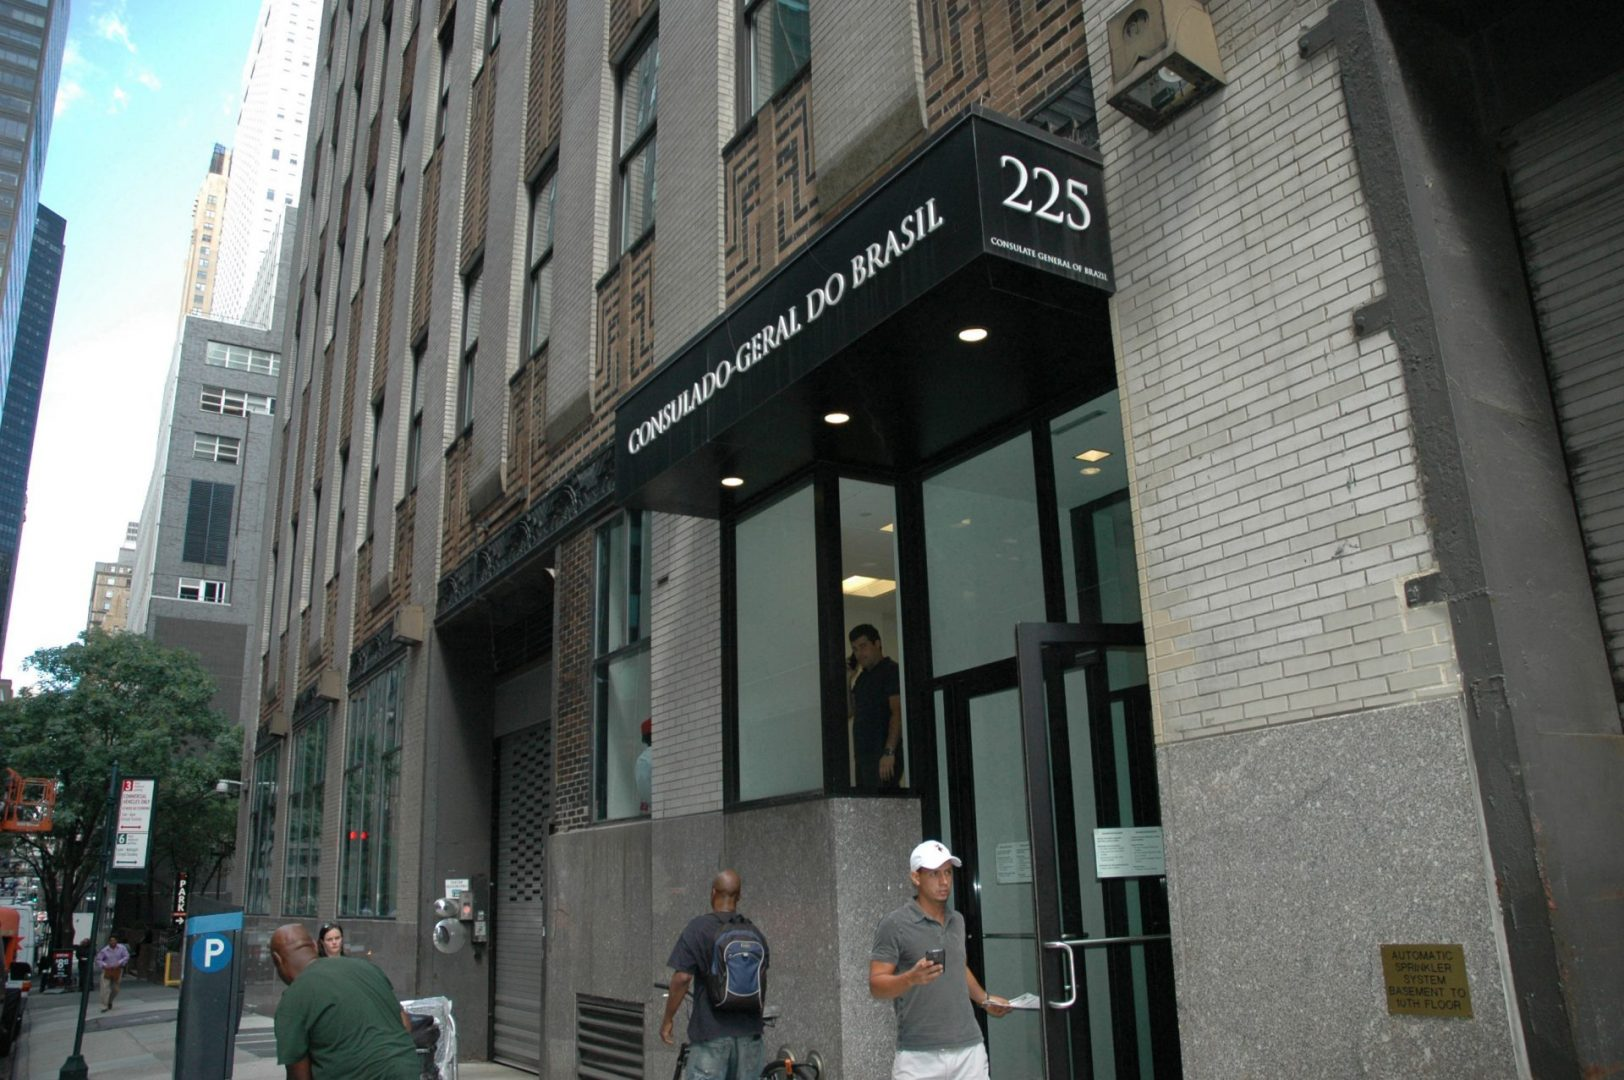 Foto18 Consulado Geral do Brasil em NY scaled Consulado em Nova York divulga boletim informativo sobre o coronavírus